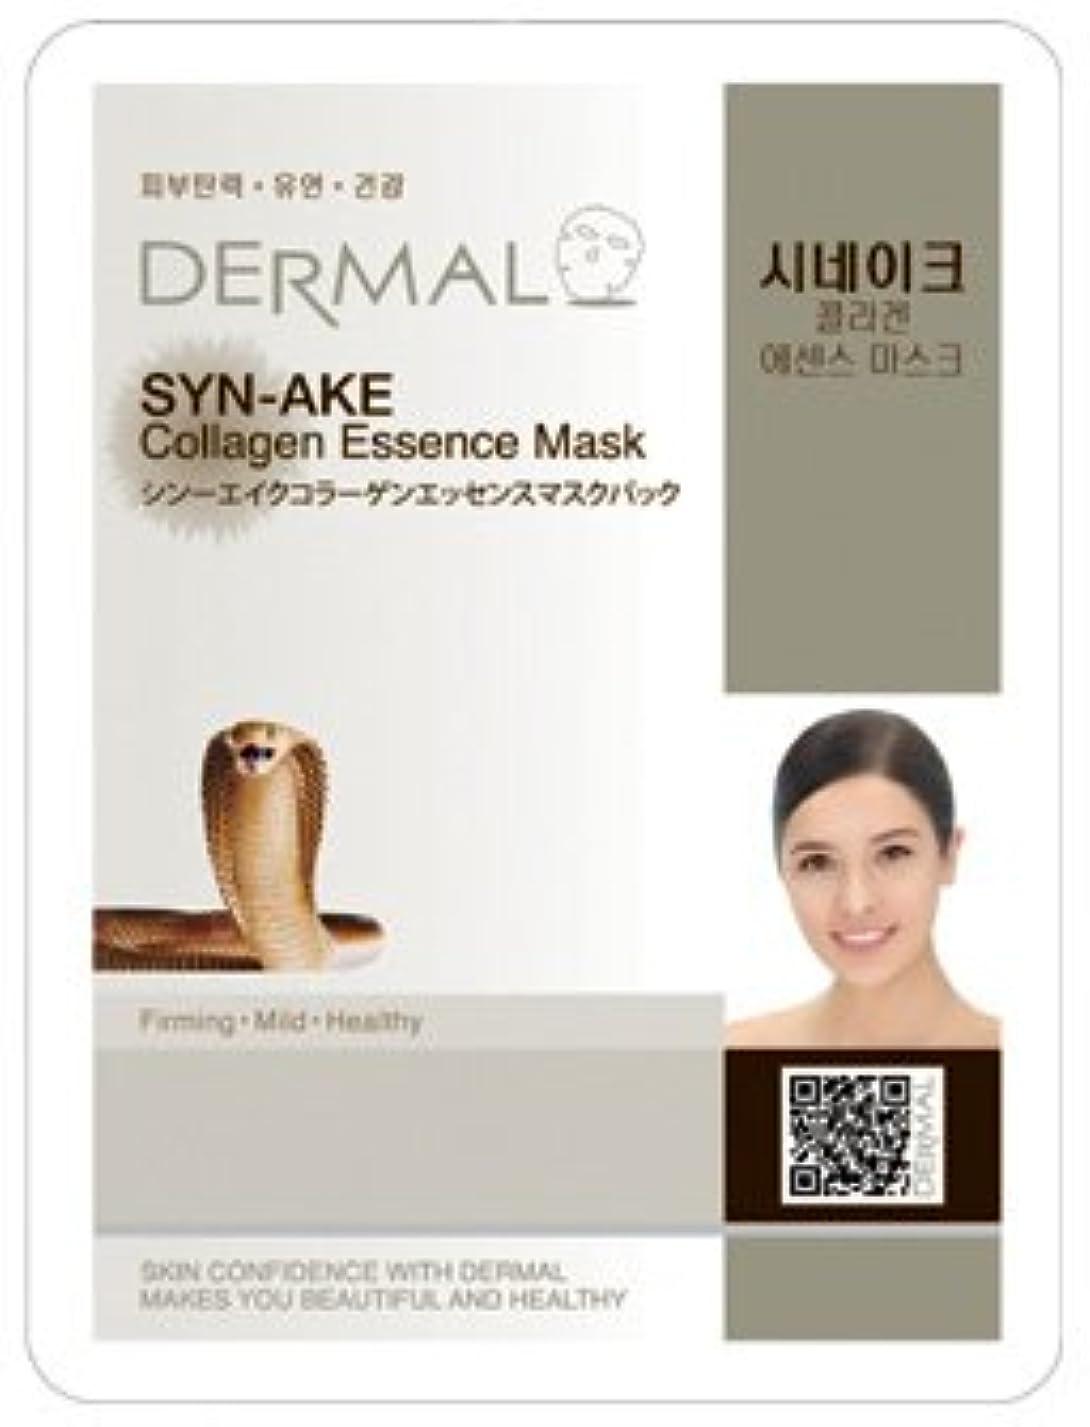 良さ思われるむしゃむしゃ蛇毒シートマスク(フェイスパック) シンエイク 10枚セット ダーマル(Dermal)